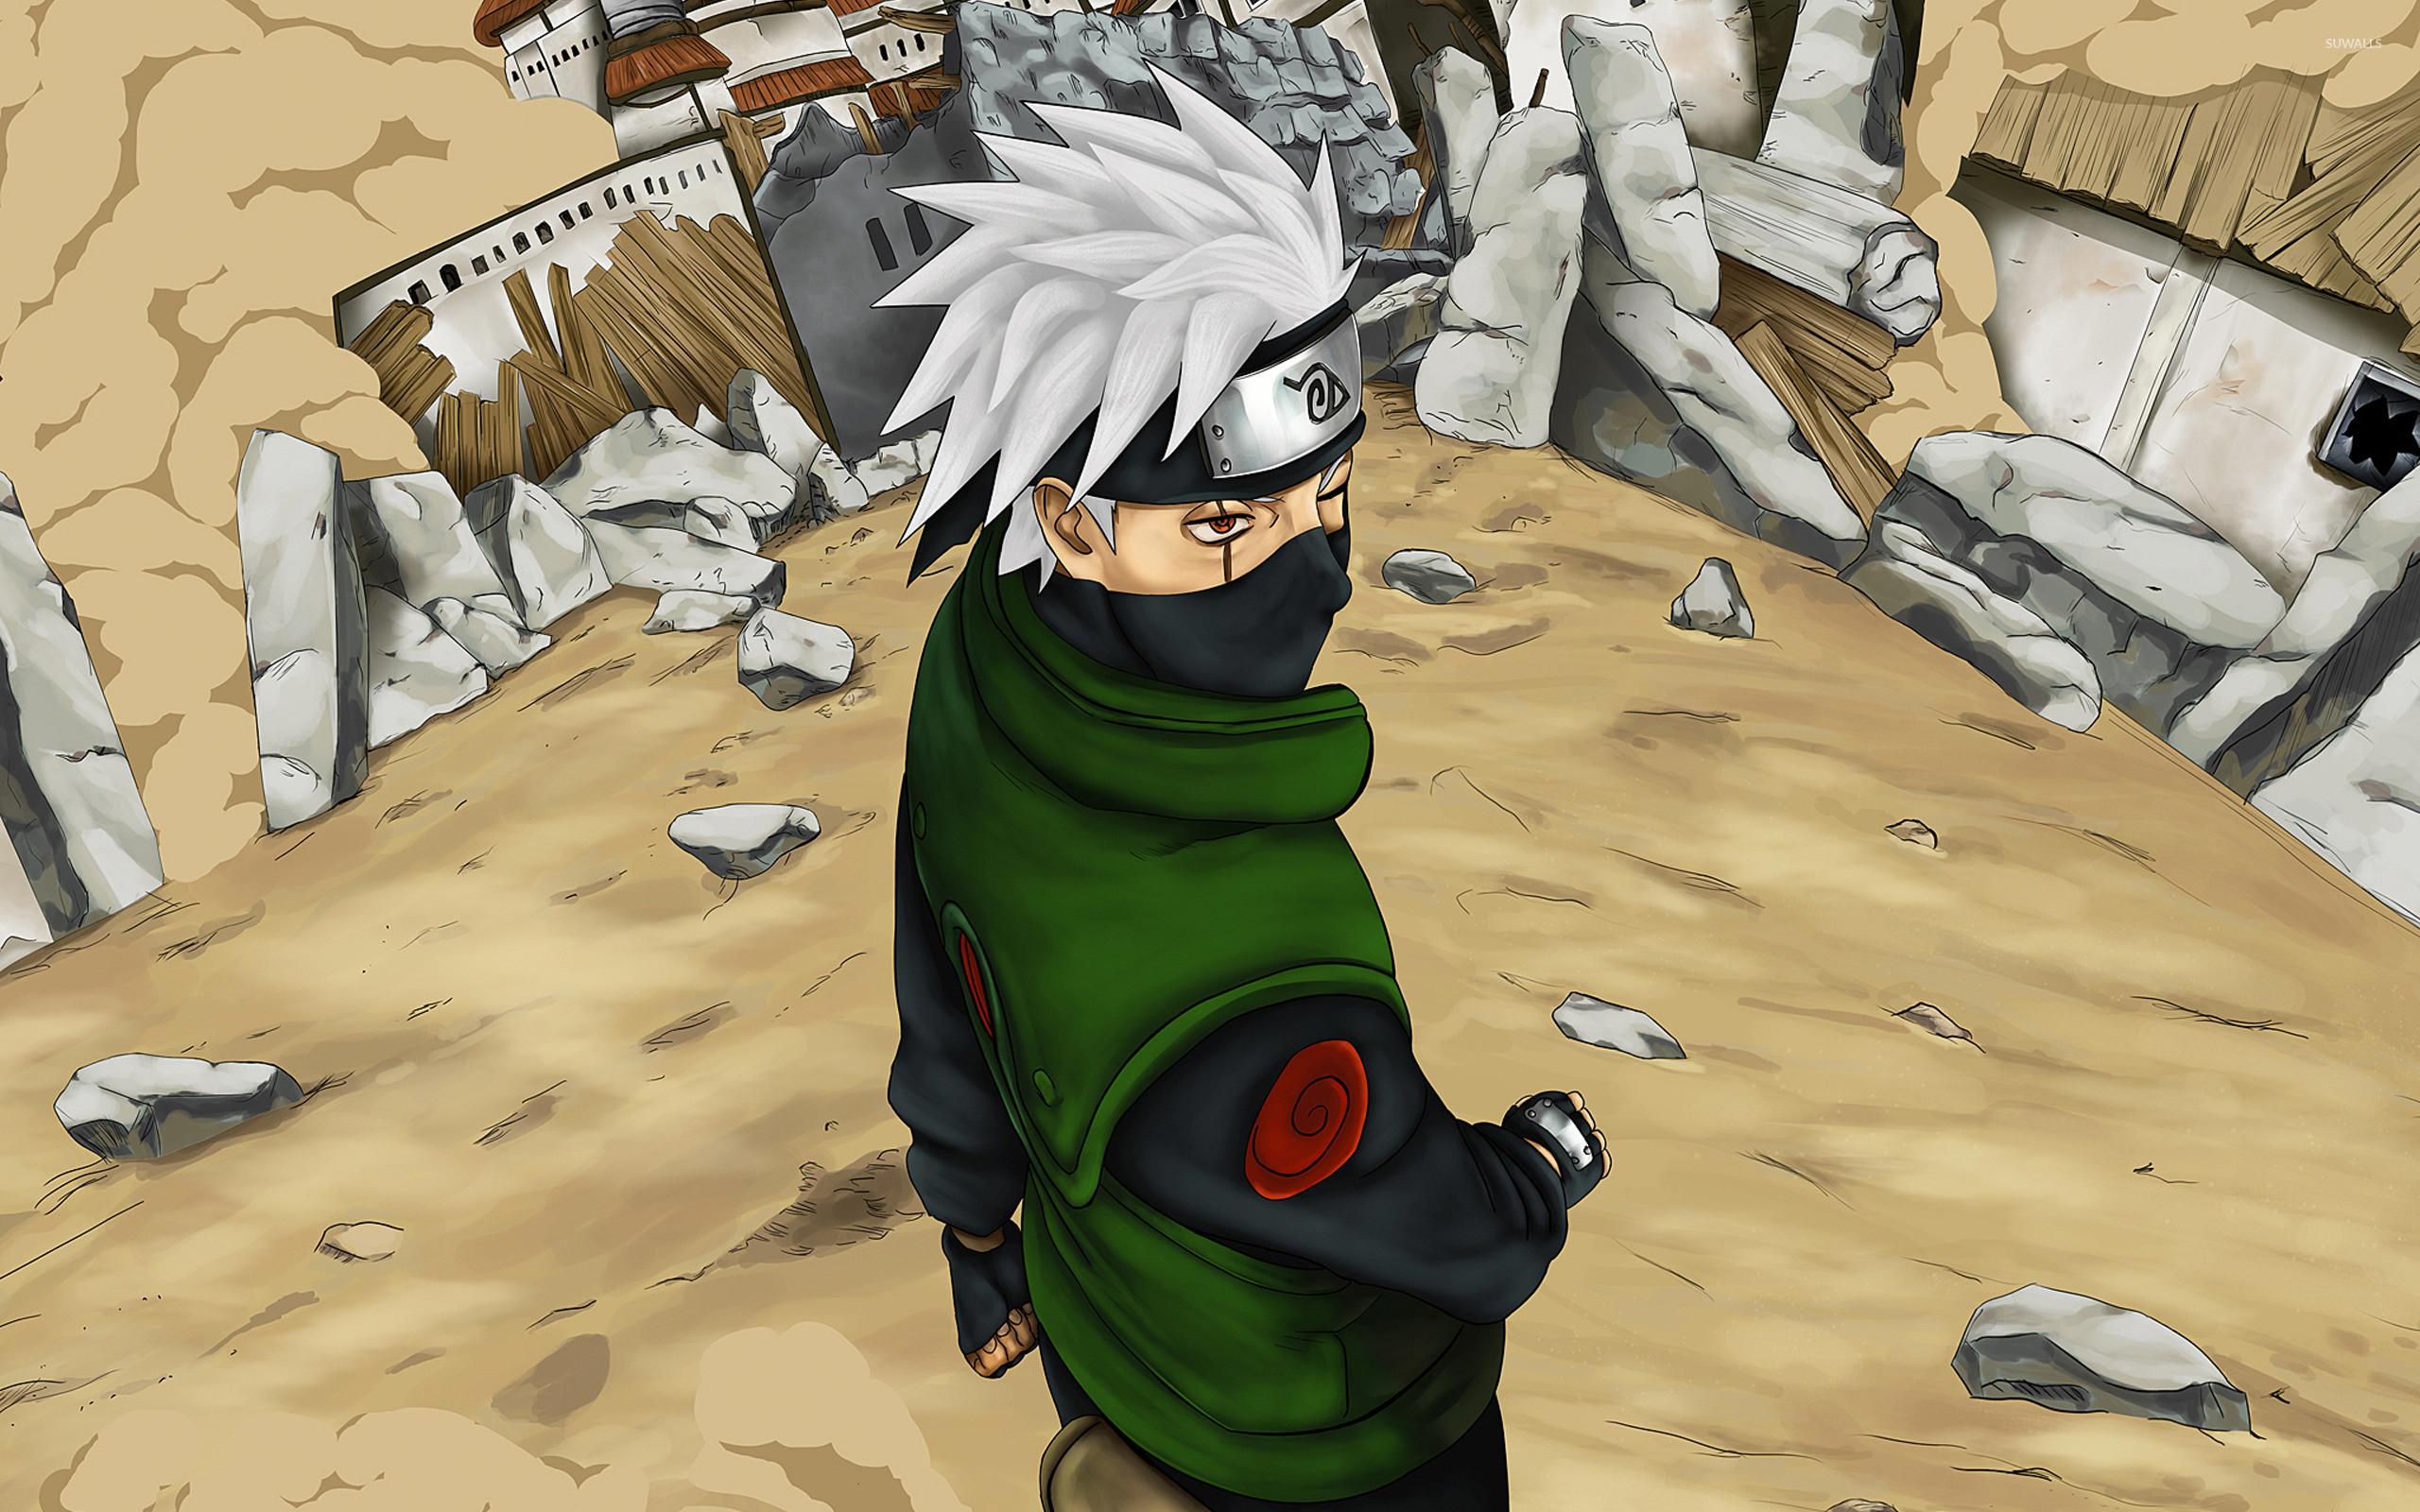 Kakashi Hatake – Naruto [2] wallpaper